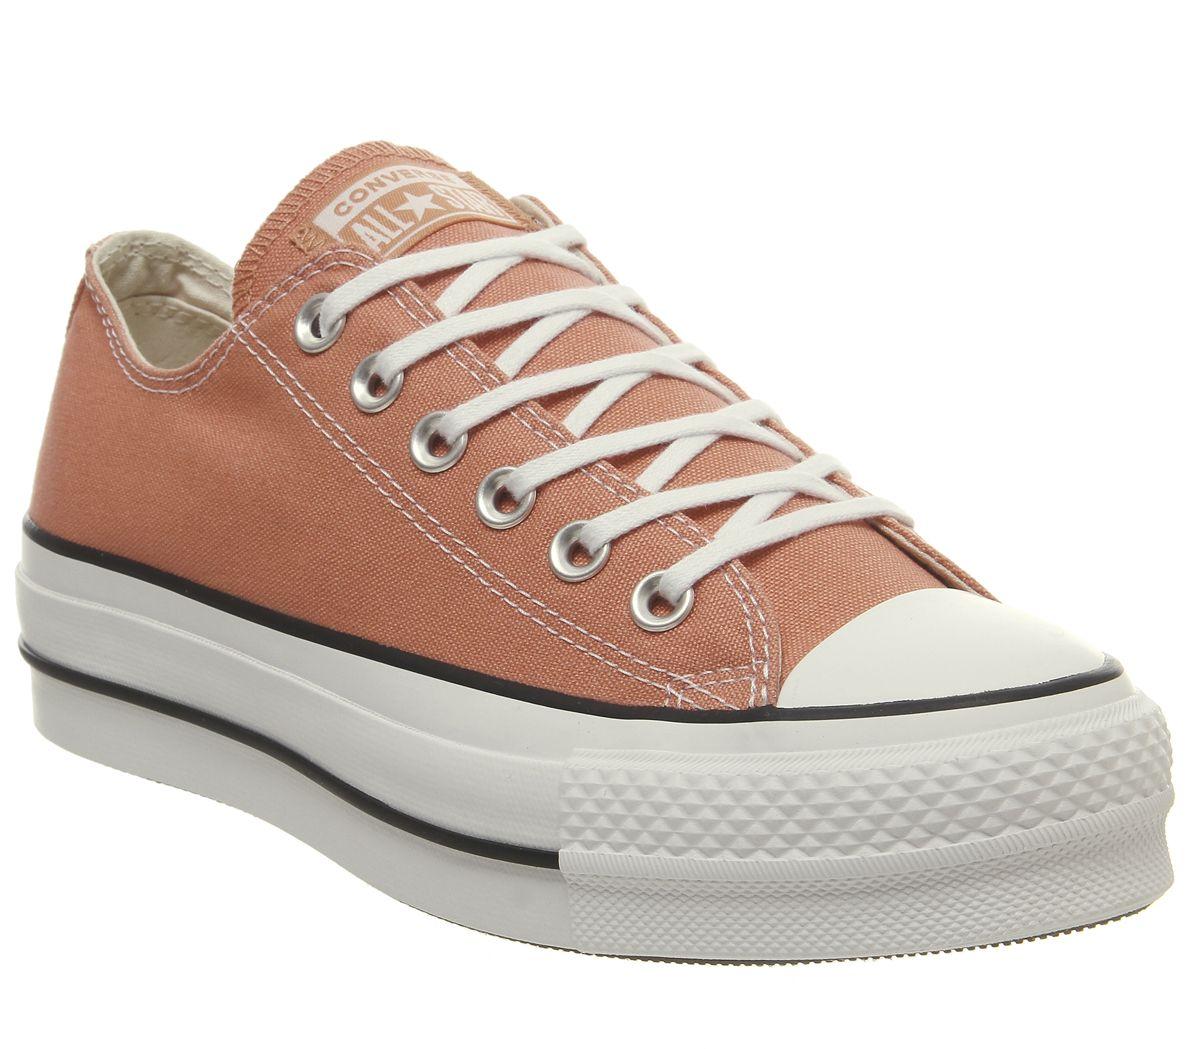 bd3fe63d3b SENTINEL Womens Converse All Star bassa piattaforma formatori deserto pesca  allenatori bianco scarpe